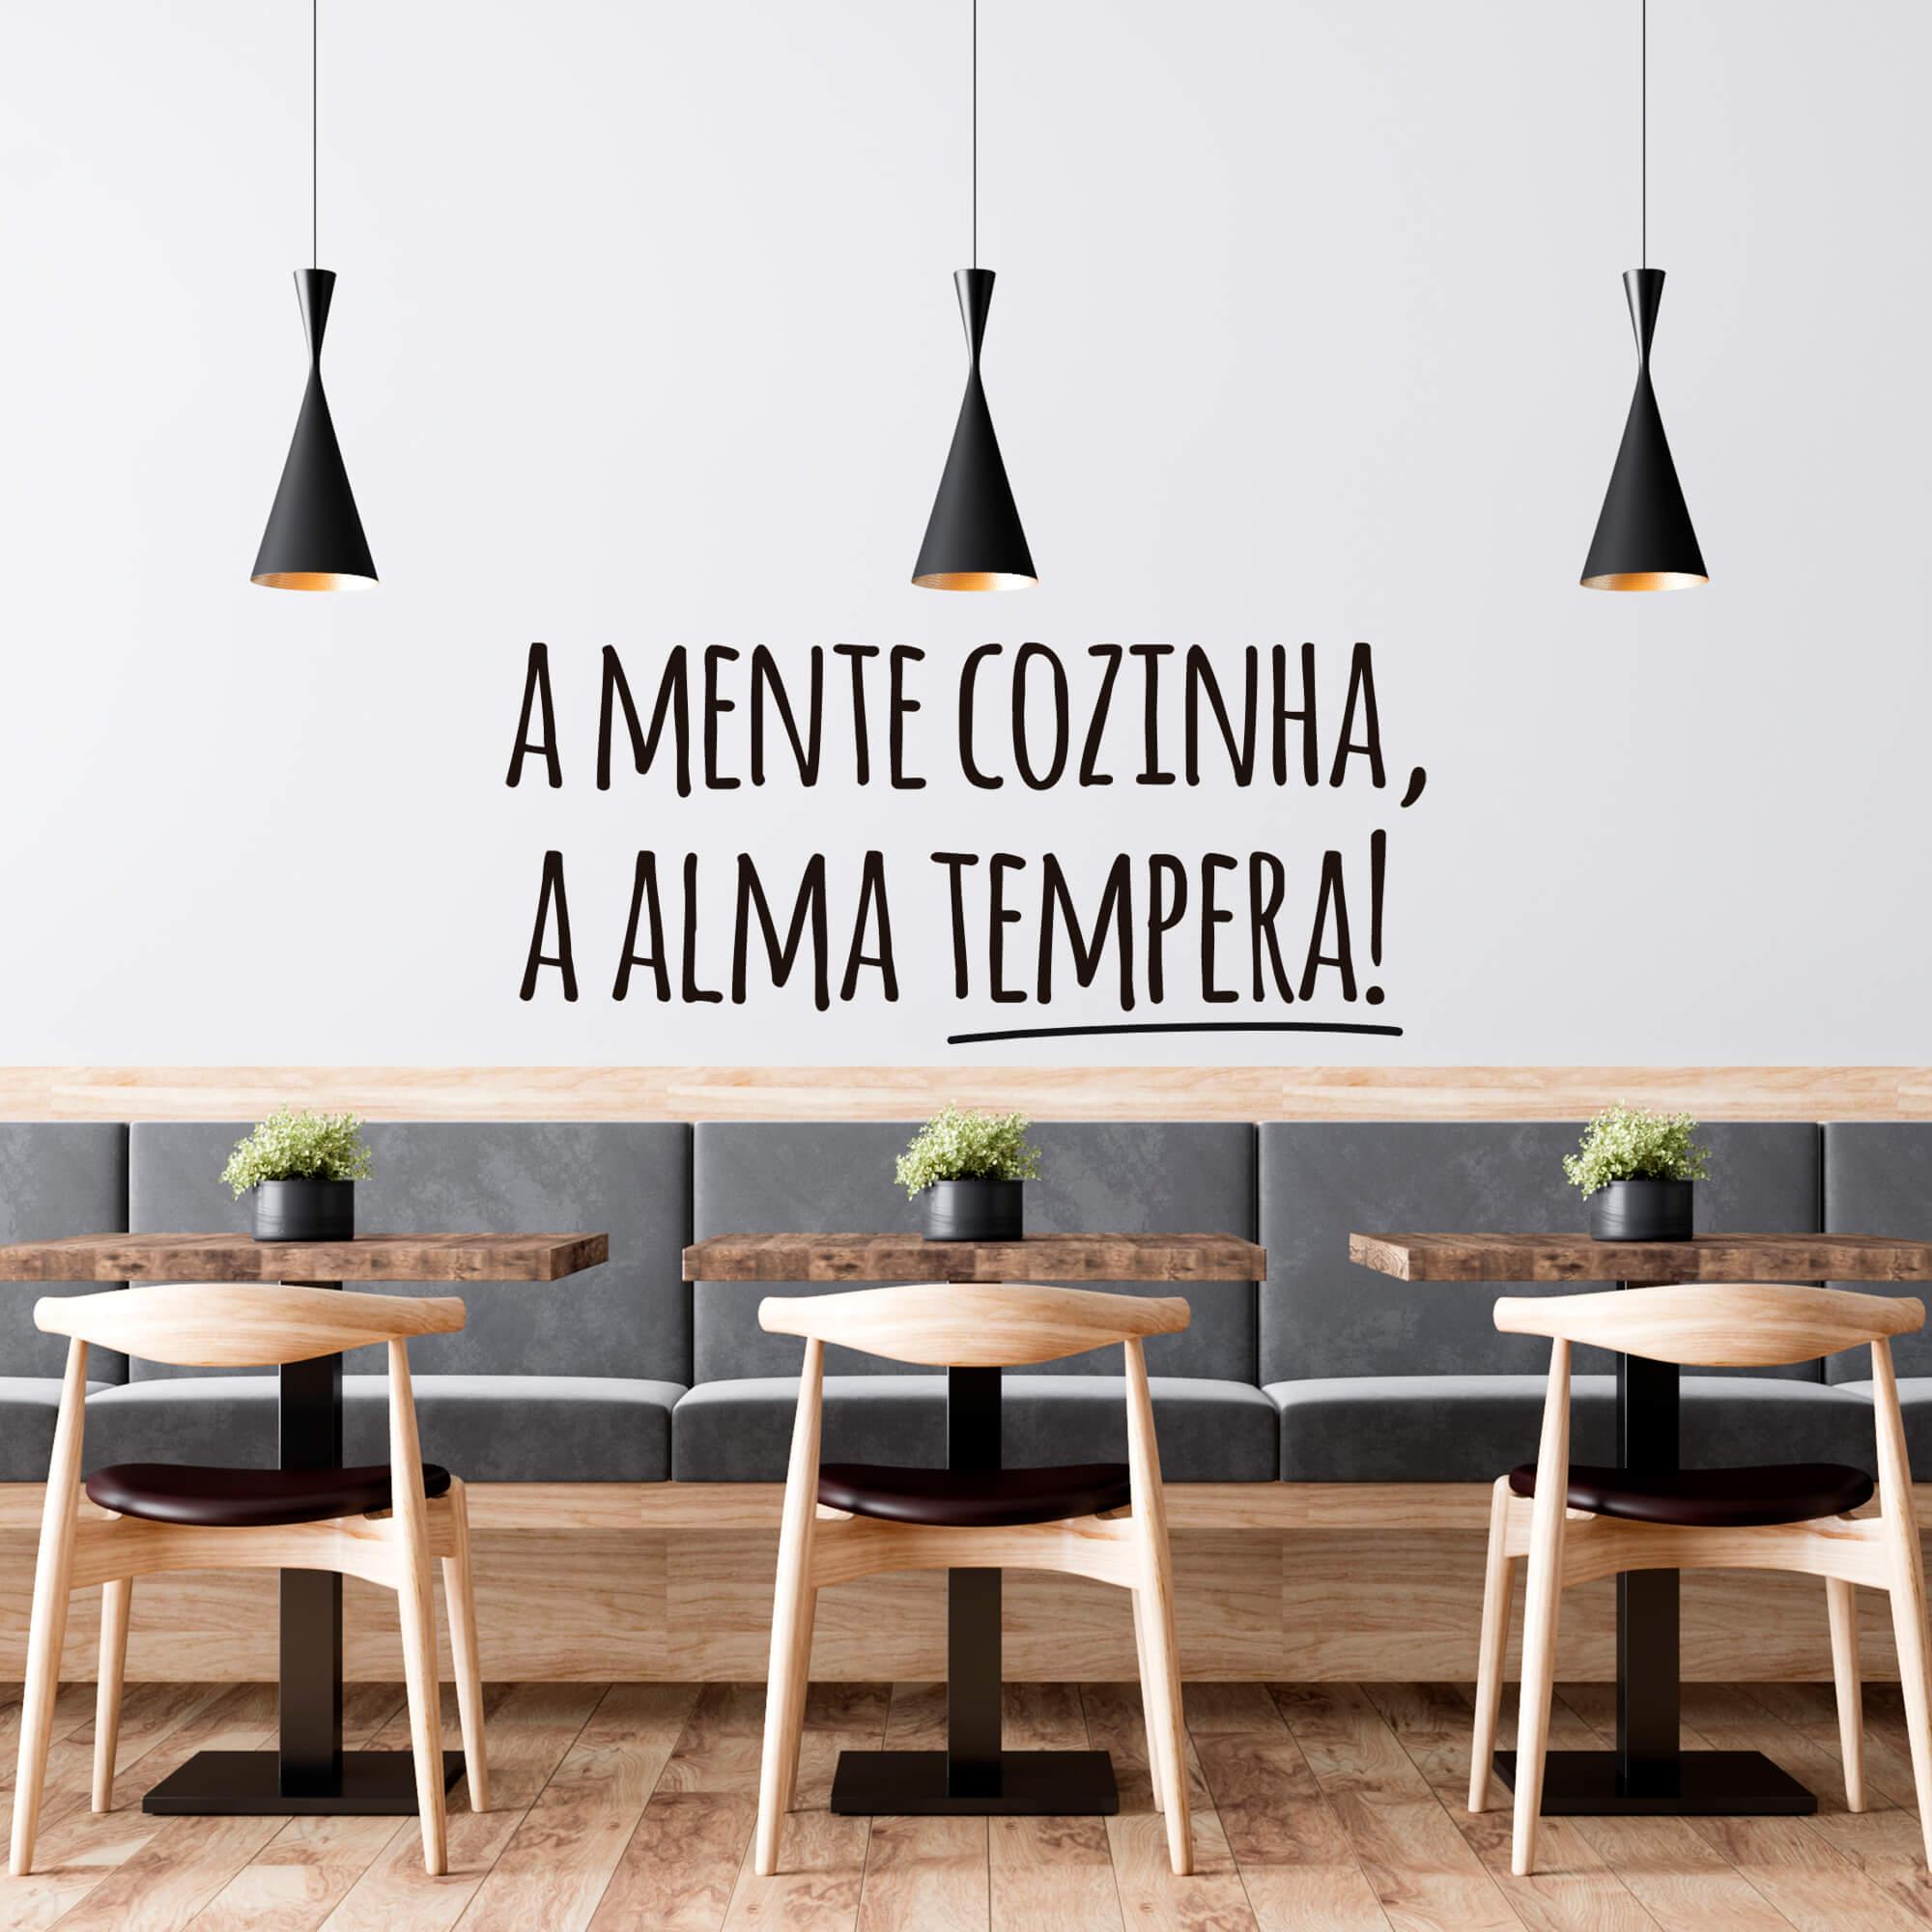 Adesivo Decorativo Parede Frase A Mente Cozinha, A Alma Tempera!